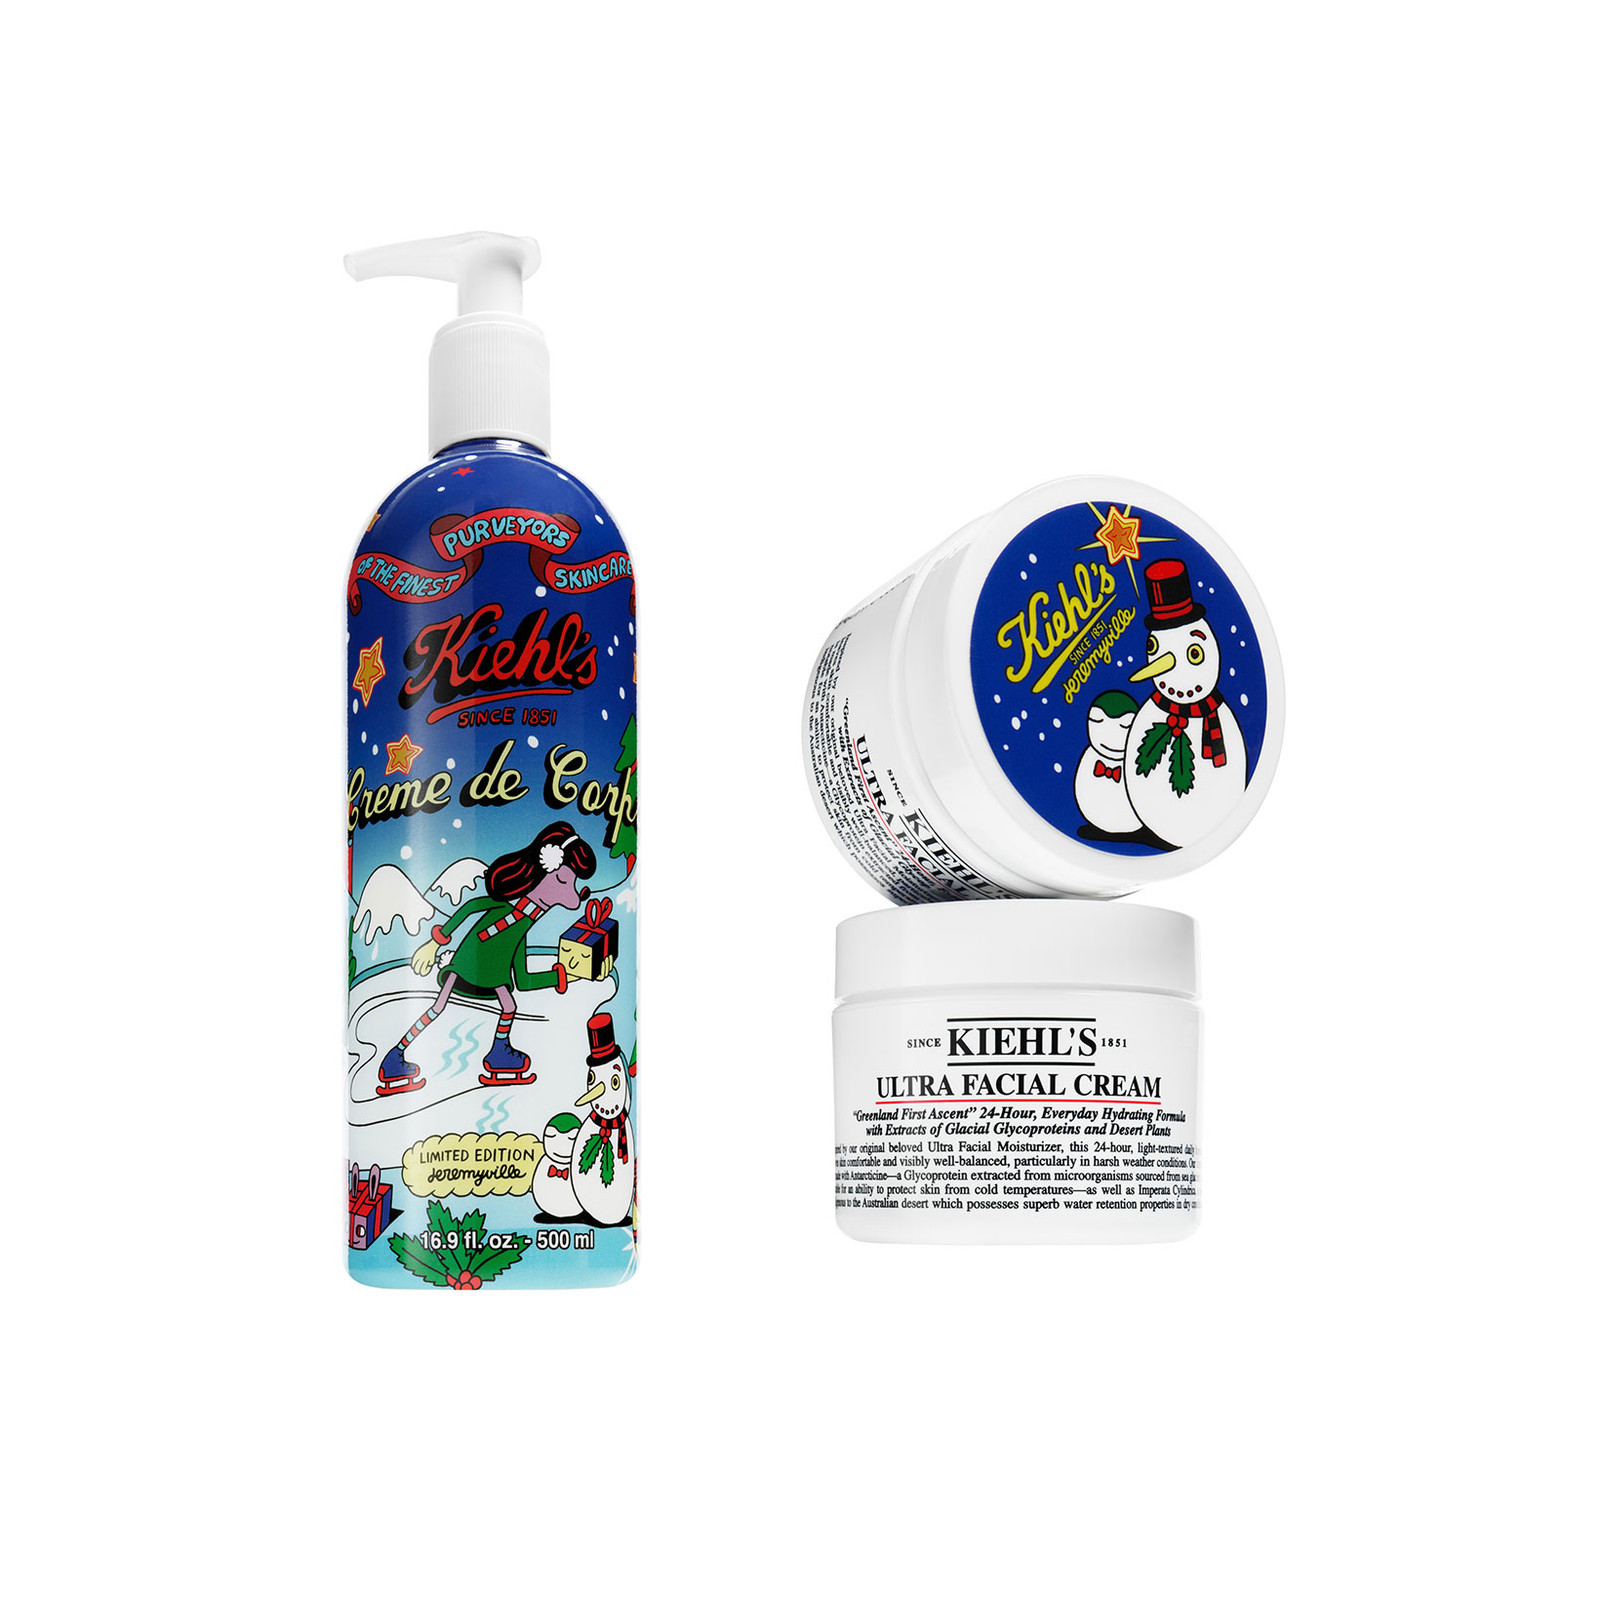 Kiehl's Jeremyville Crème de Corps + Ultra Facial Cream